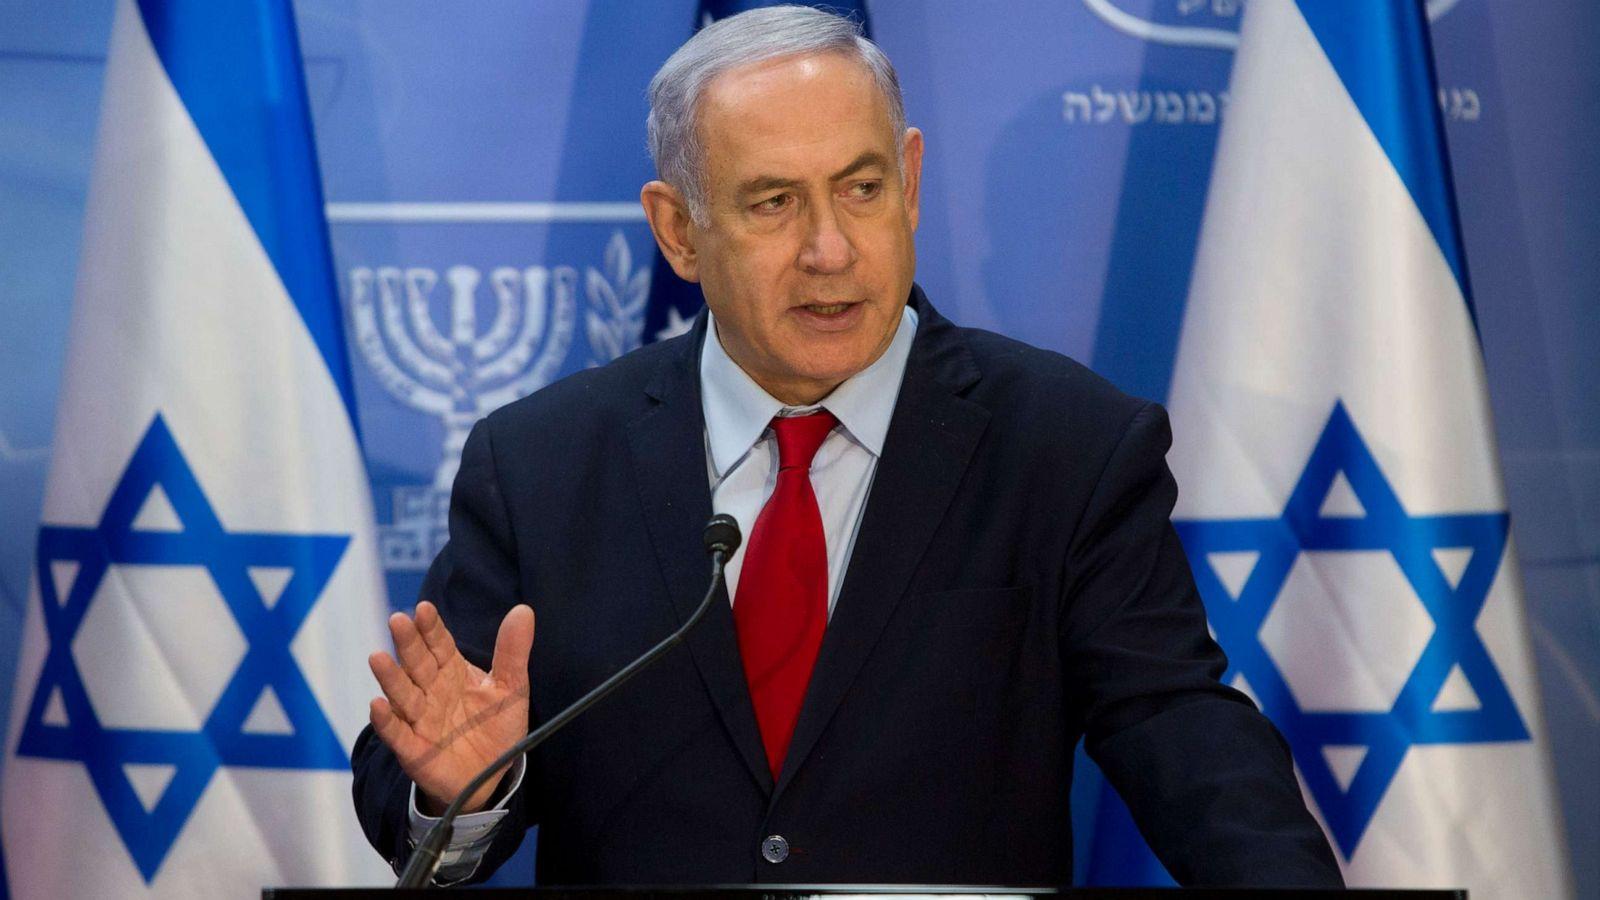 Përplasjet me palestinezët, Netanyah falenderon Shqipërinë e Maqedoninë e Veriut për mbështetjen